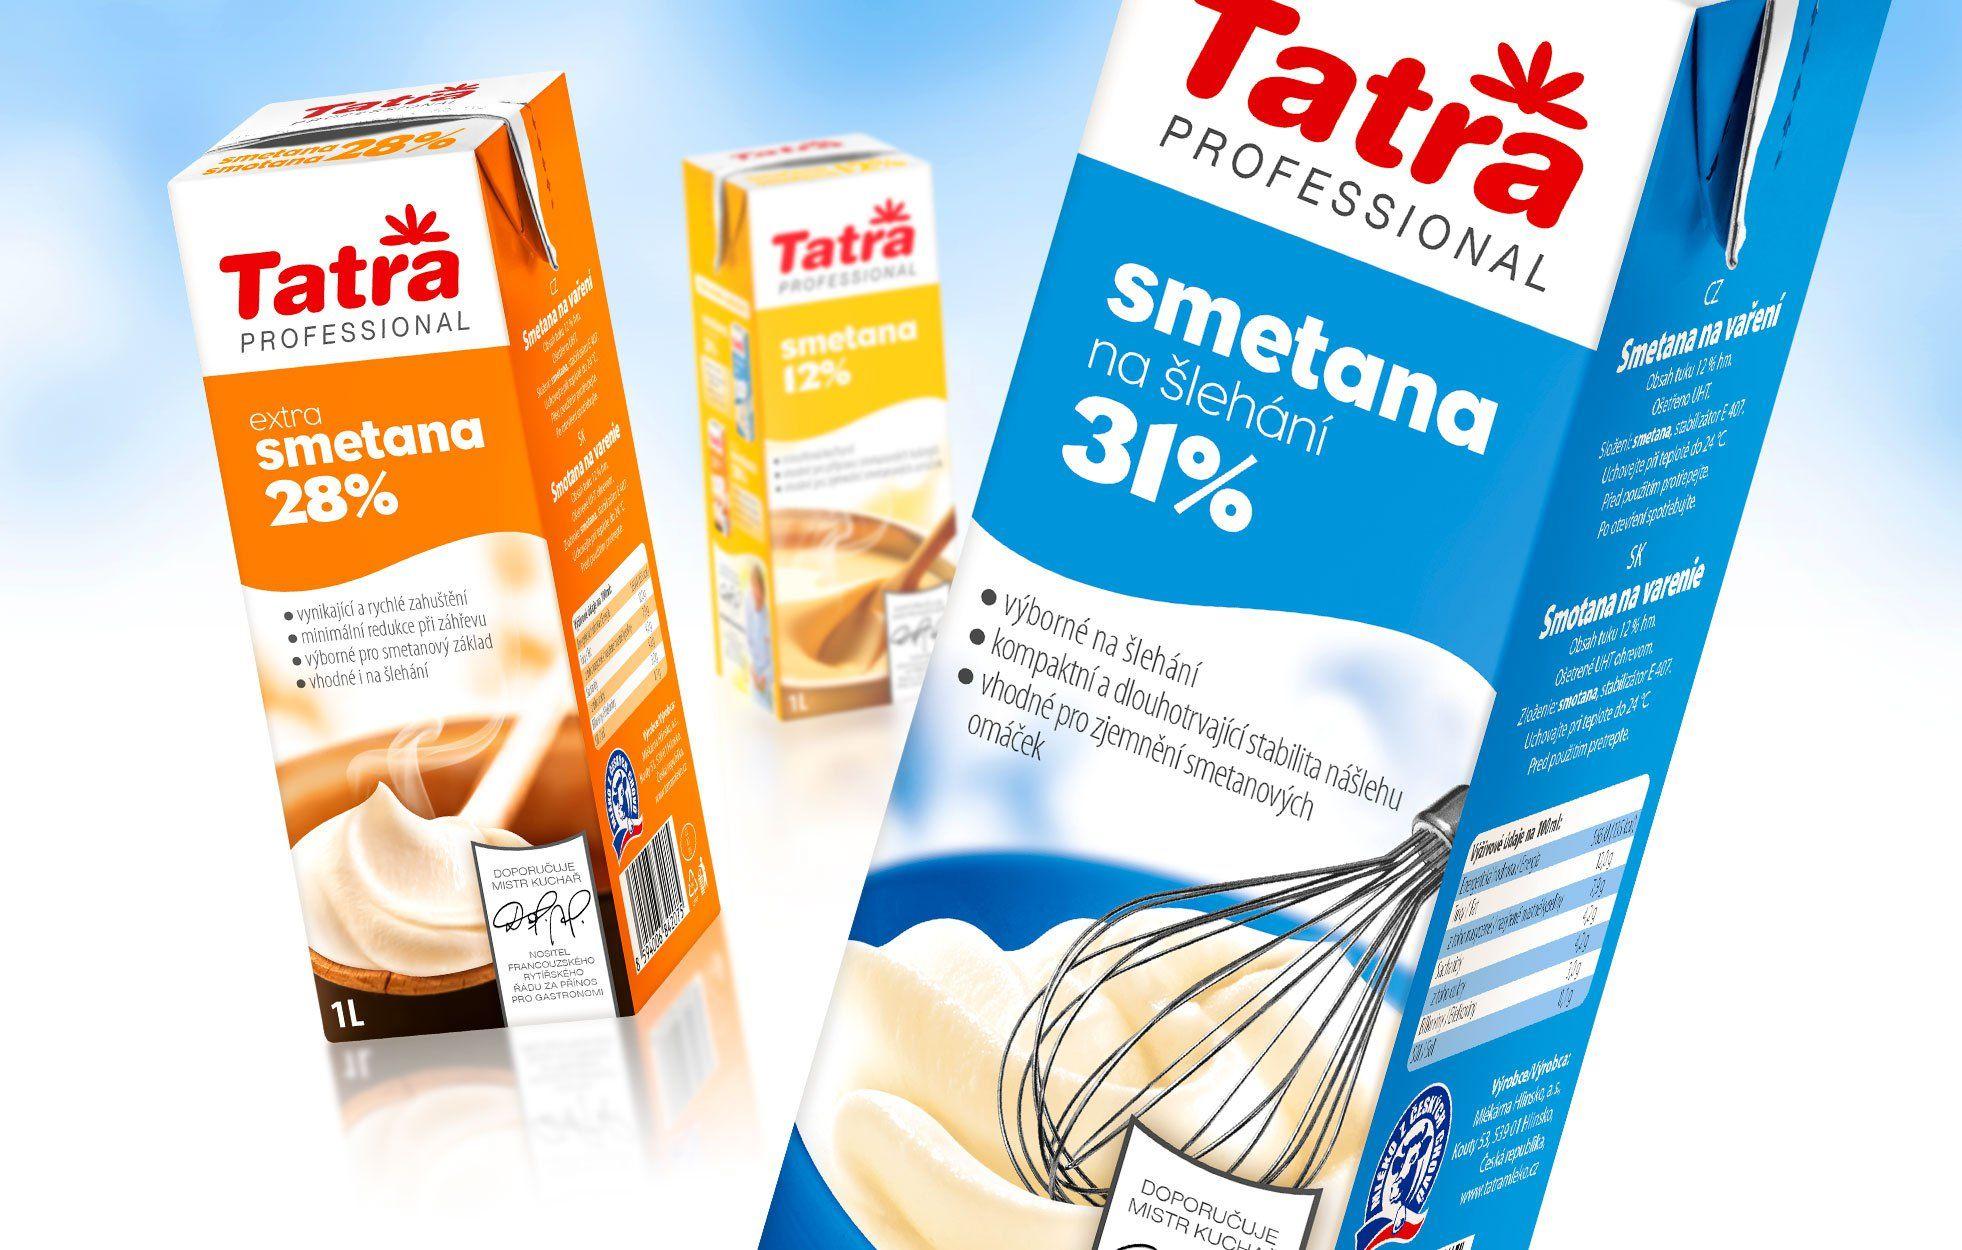 Tatra_professional_04.jpg